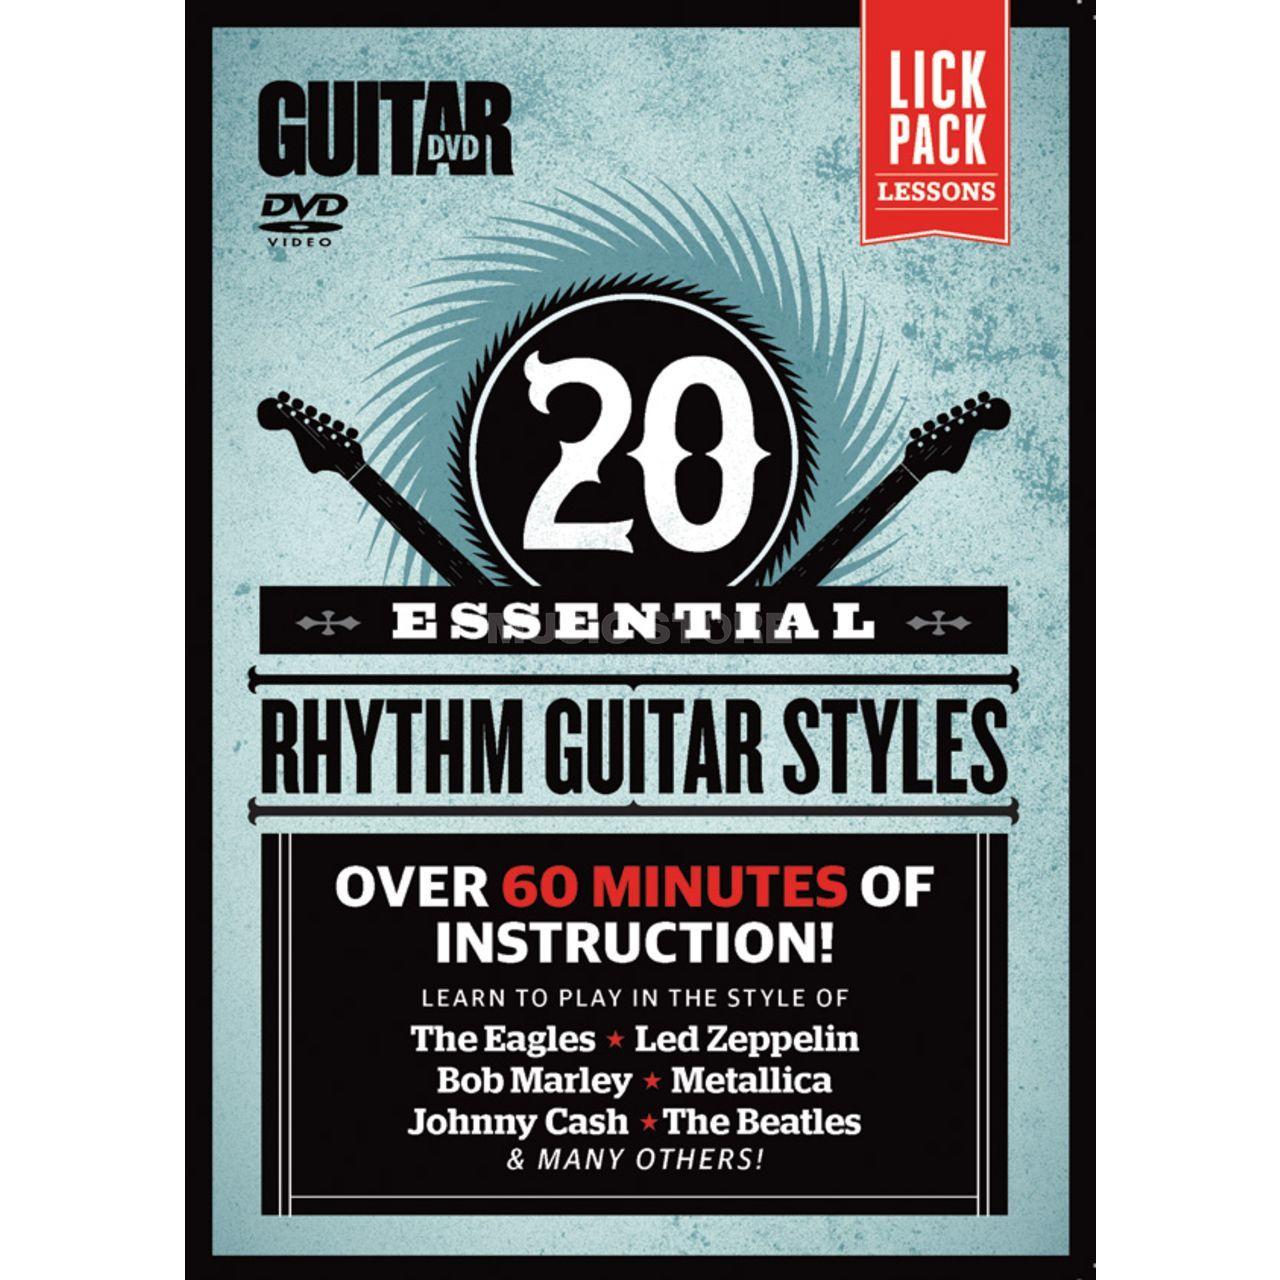 Guitar Rhythm Mp3 Free Download